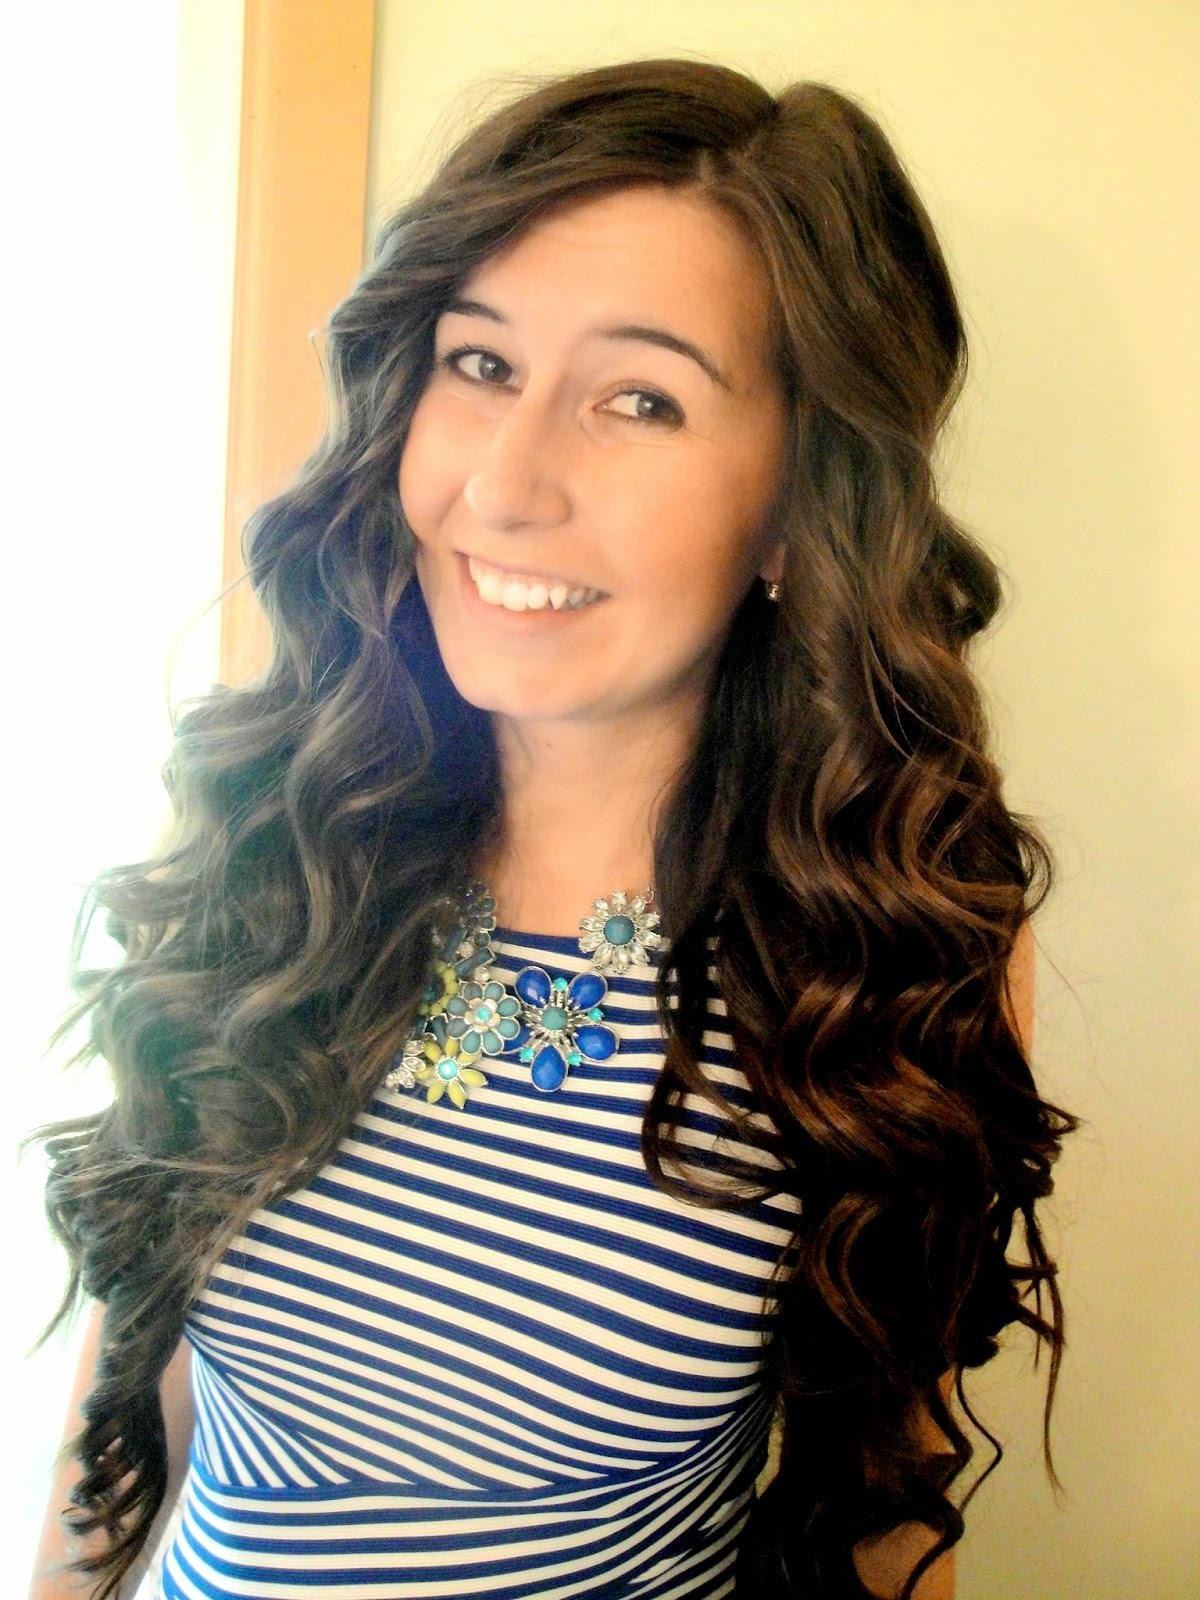 hair tutorial, hair, how i do my hair, curly hair, wavy hair, curling iron, pretty hair, glamous curls, lots of curls, pretty curls, tutorial, cute,